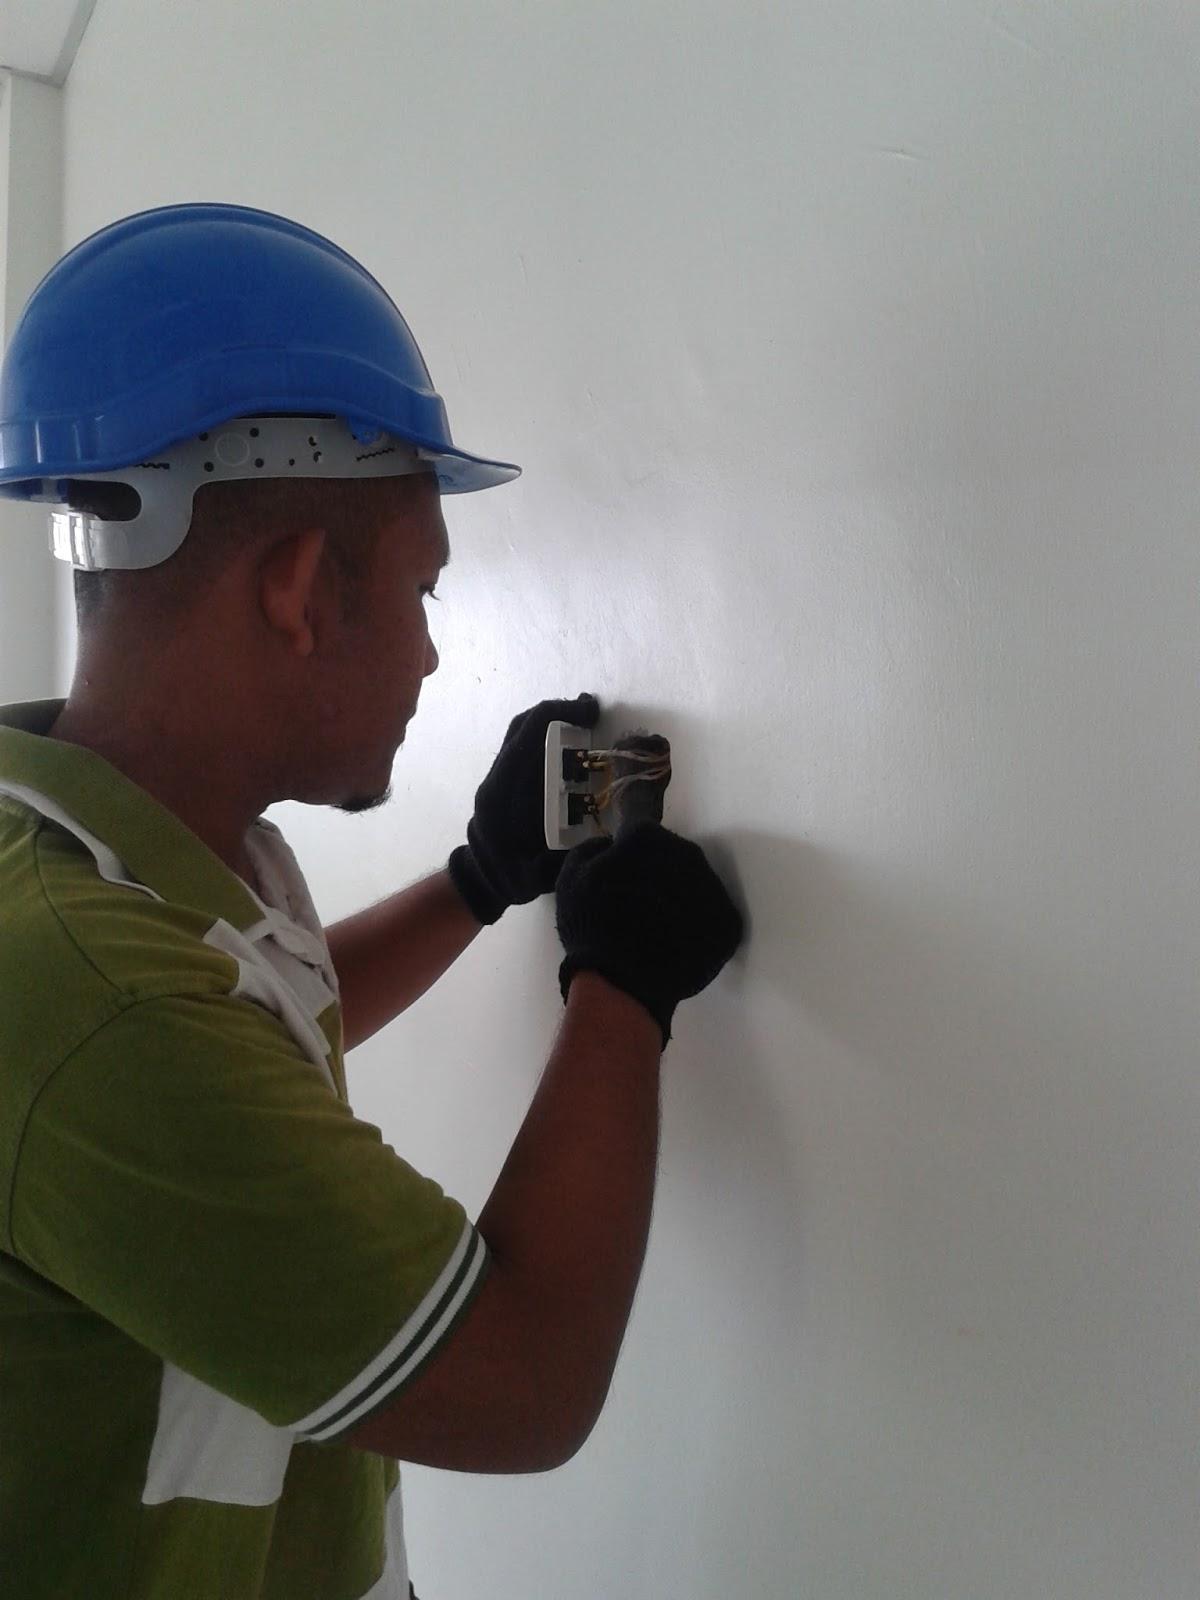 Pasang Dan Servis Aircond Penghawa Dingin Kuantan Pekan Wiring Lampu Rumah Perkhidmatan Pasangtukarbaiki Lampukipaswater Heateraircondplug Suisdan Kotak Db Kami Di Meliputi Kawasan Berikut